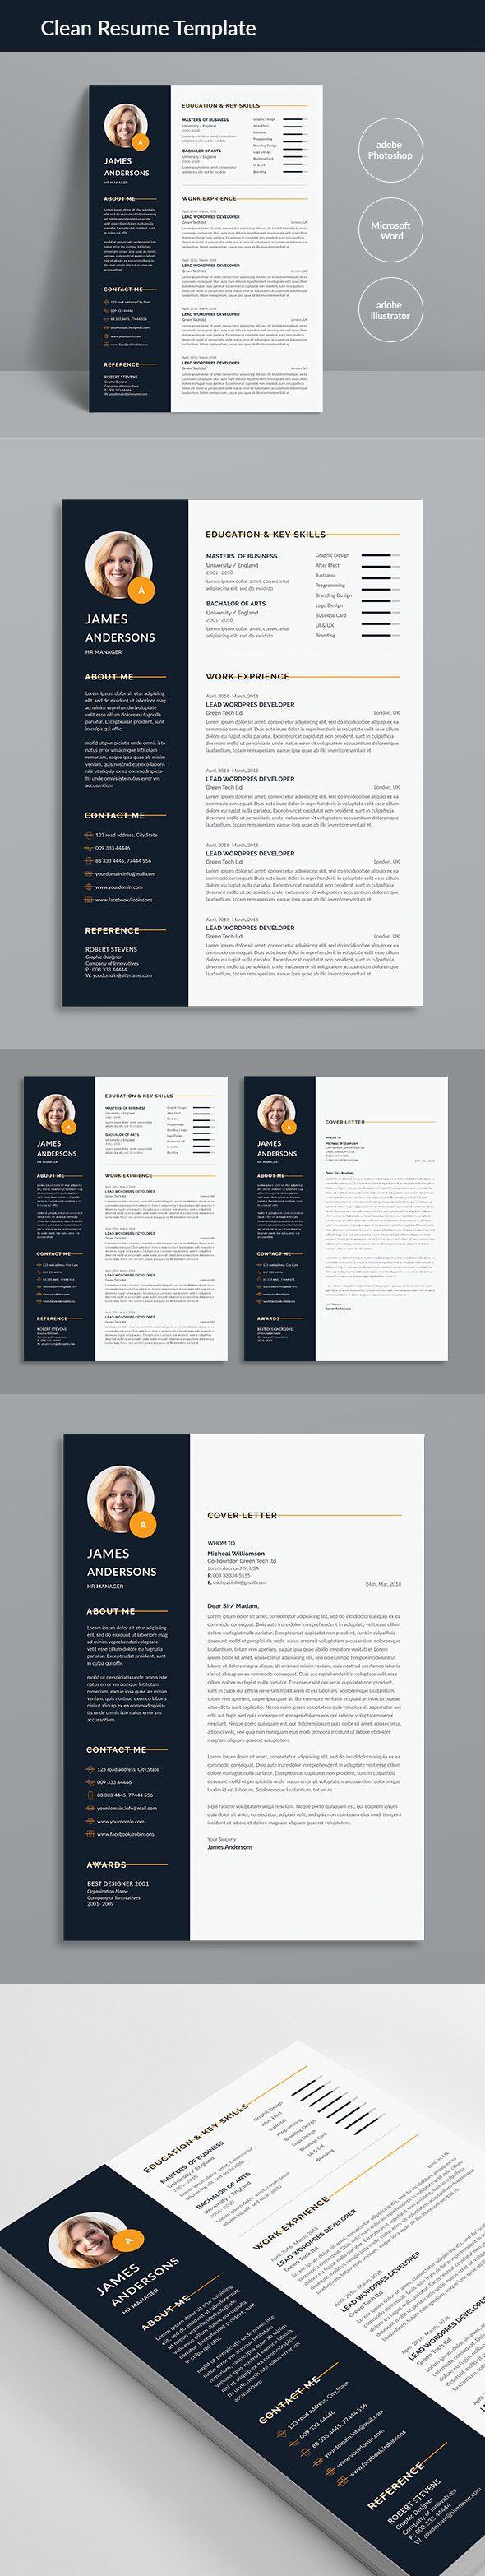 Cv Template Elegant Resume Female Female Resume Feminine Indesign Infographic Modern Mod Unique Resume Template Clean Resume Template Resume Words